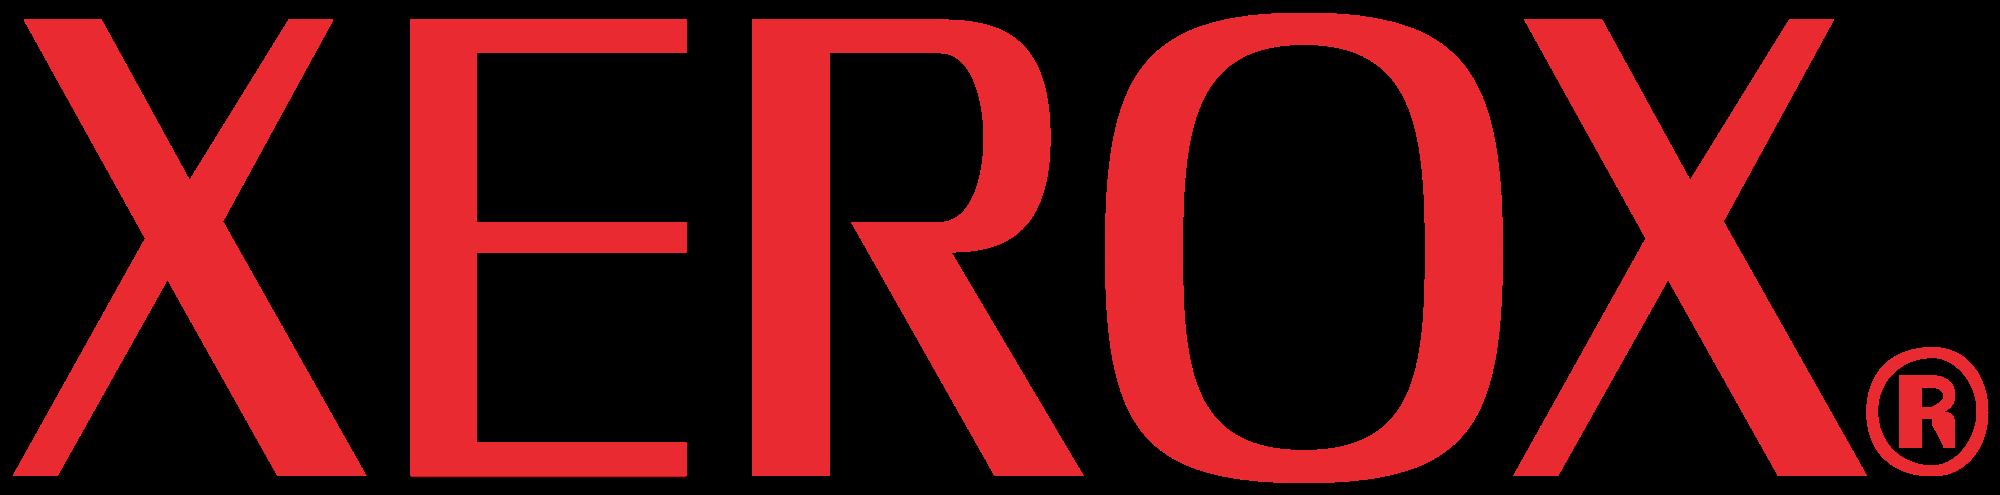 Xerox Logo PNG - 30315